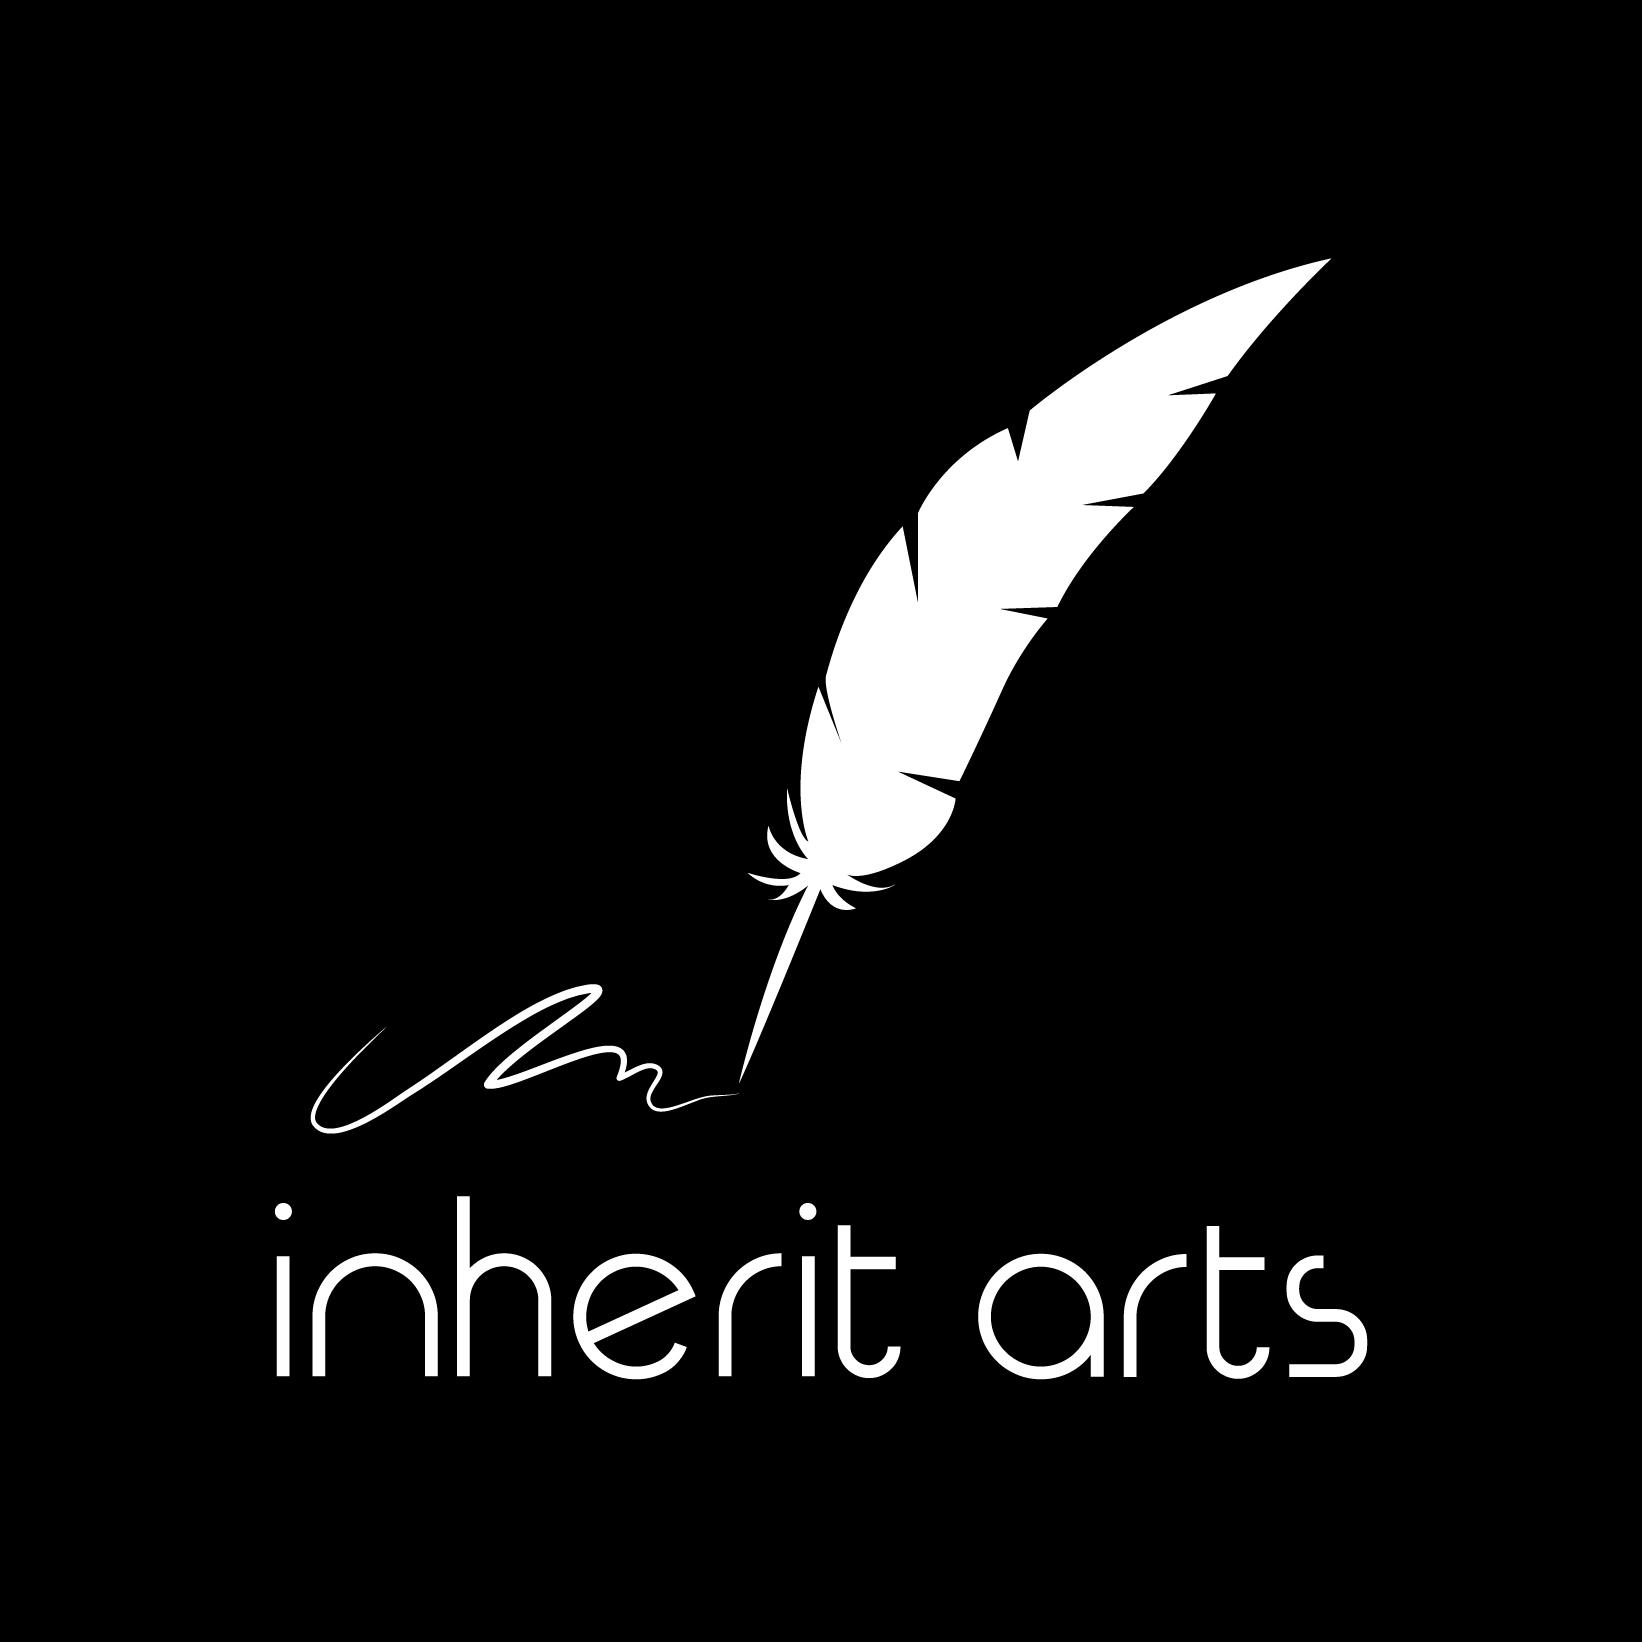 inherit arts | Listen Free on Castbox